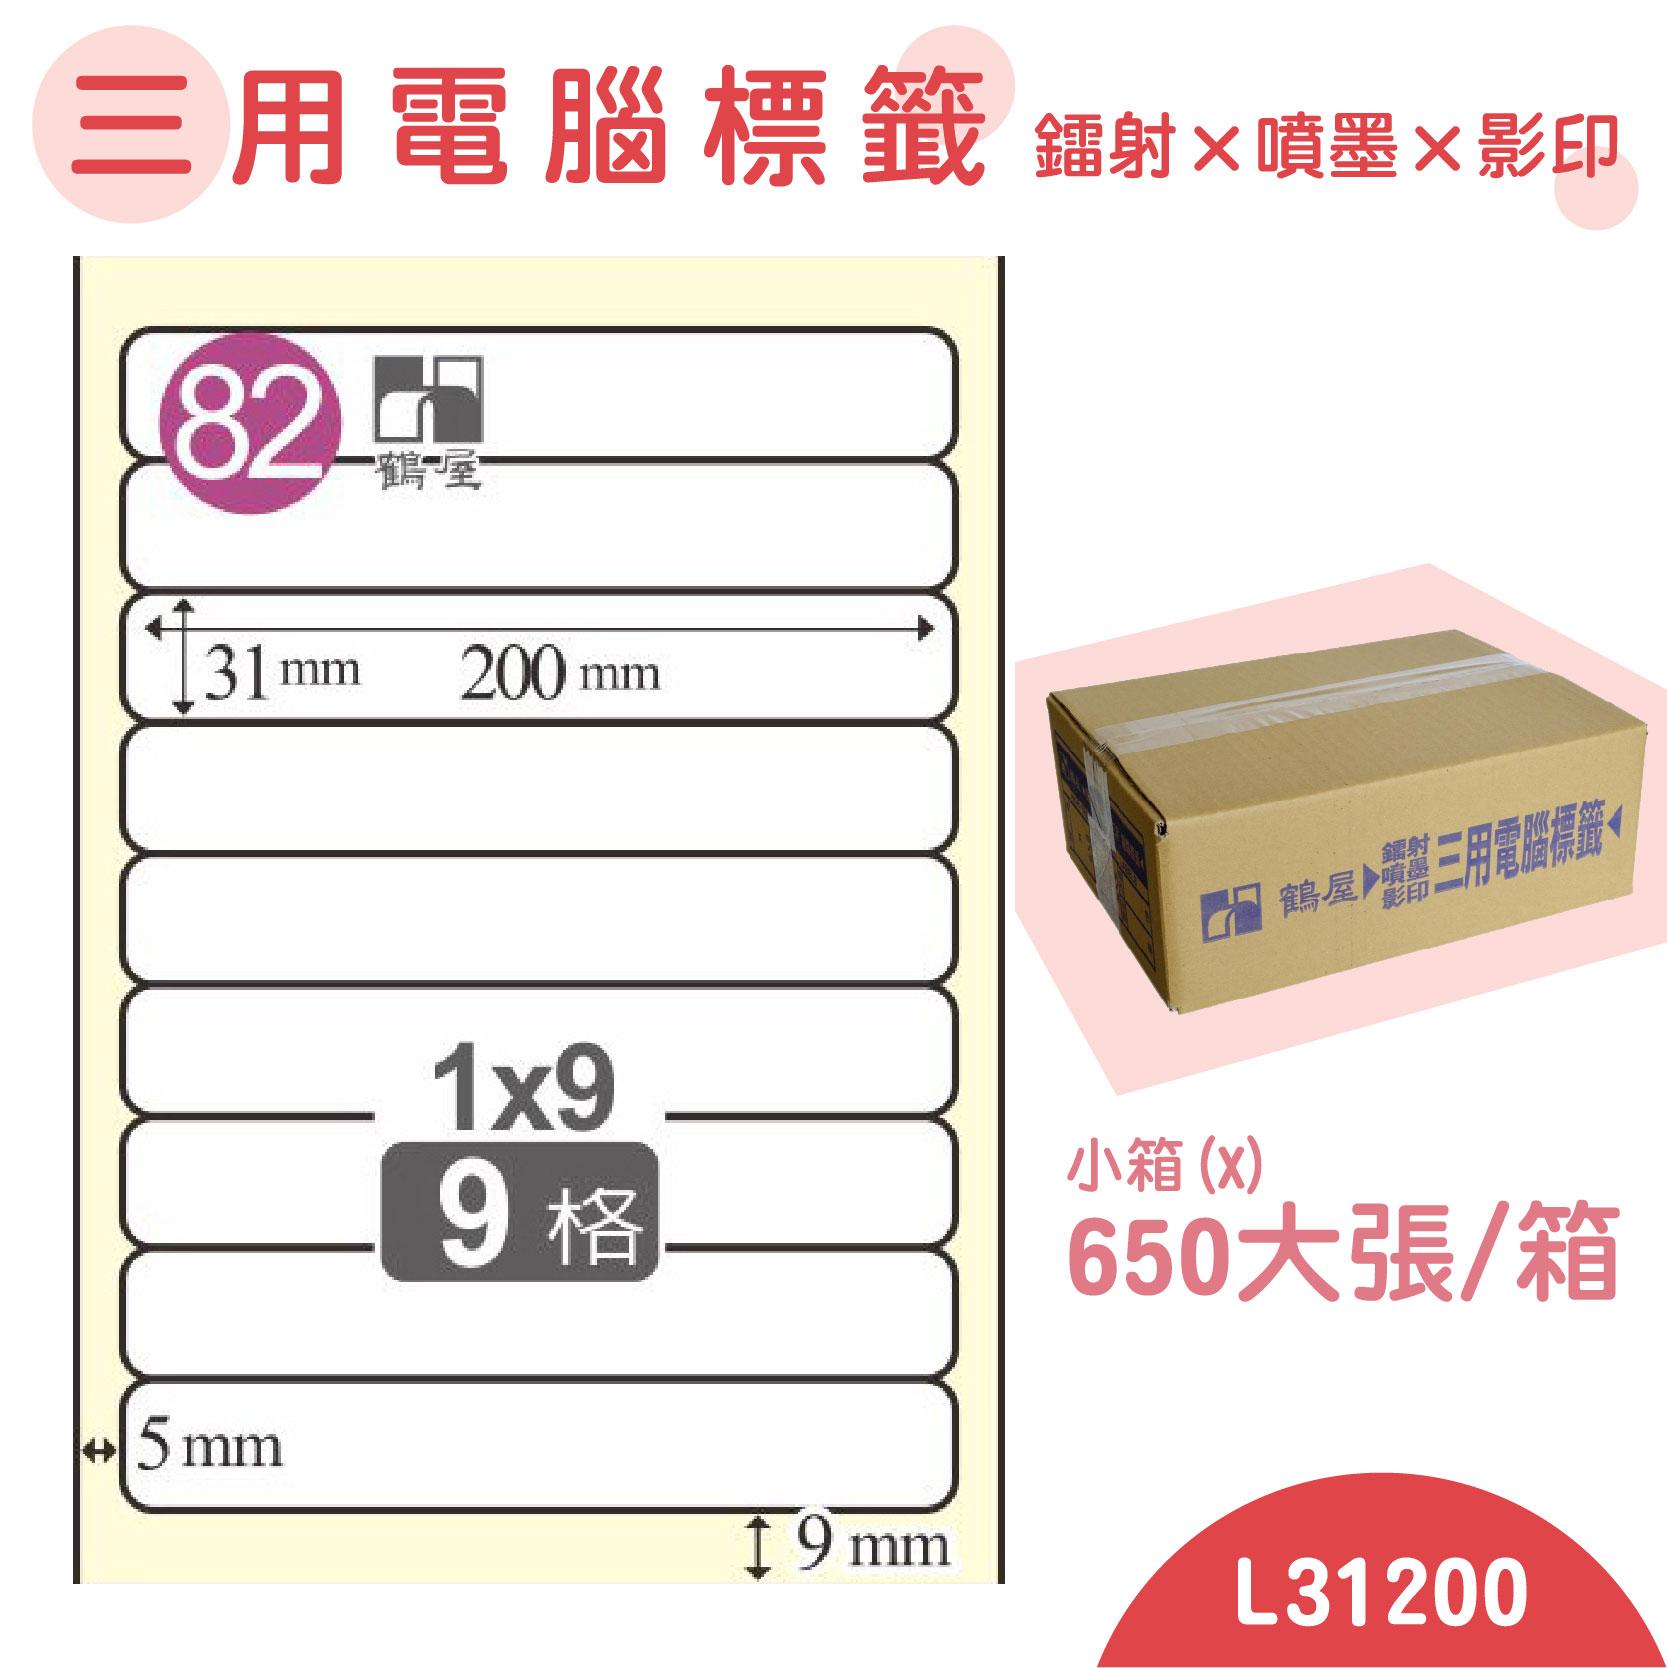 電腦標籤紙(鶴屋) 白色 L31200 9格 650大張/小箱 影印 雷射 噴墨 三用 標籤 貼紙 信封 光碟 名條